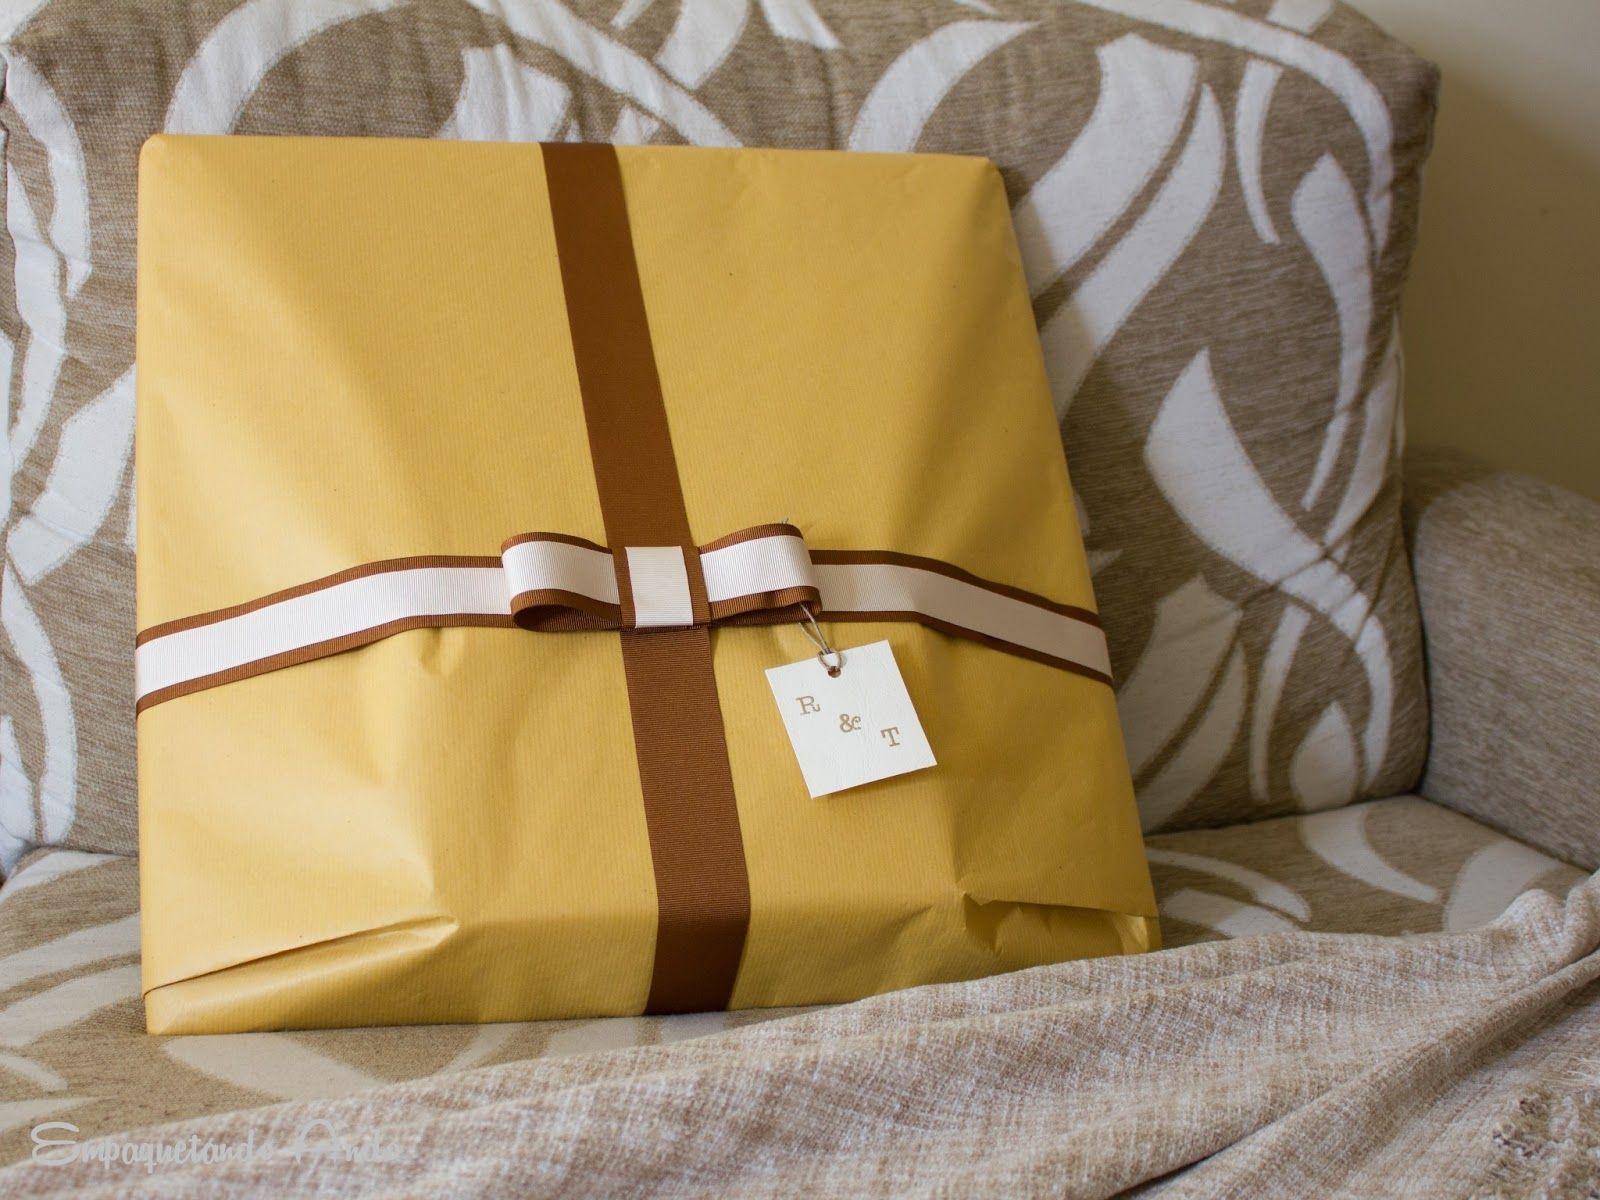 envolver regalos grandes con papel kraft y lazo de